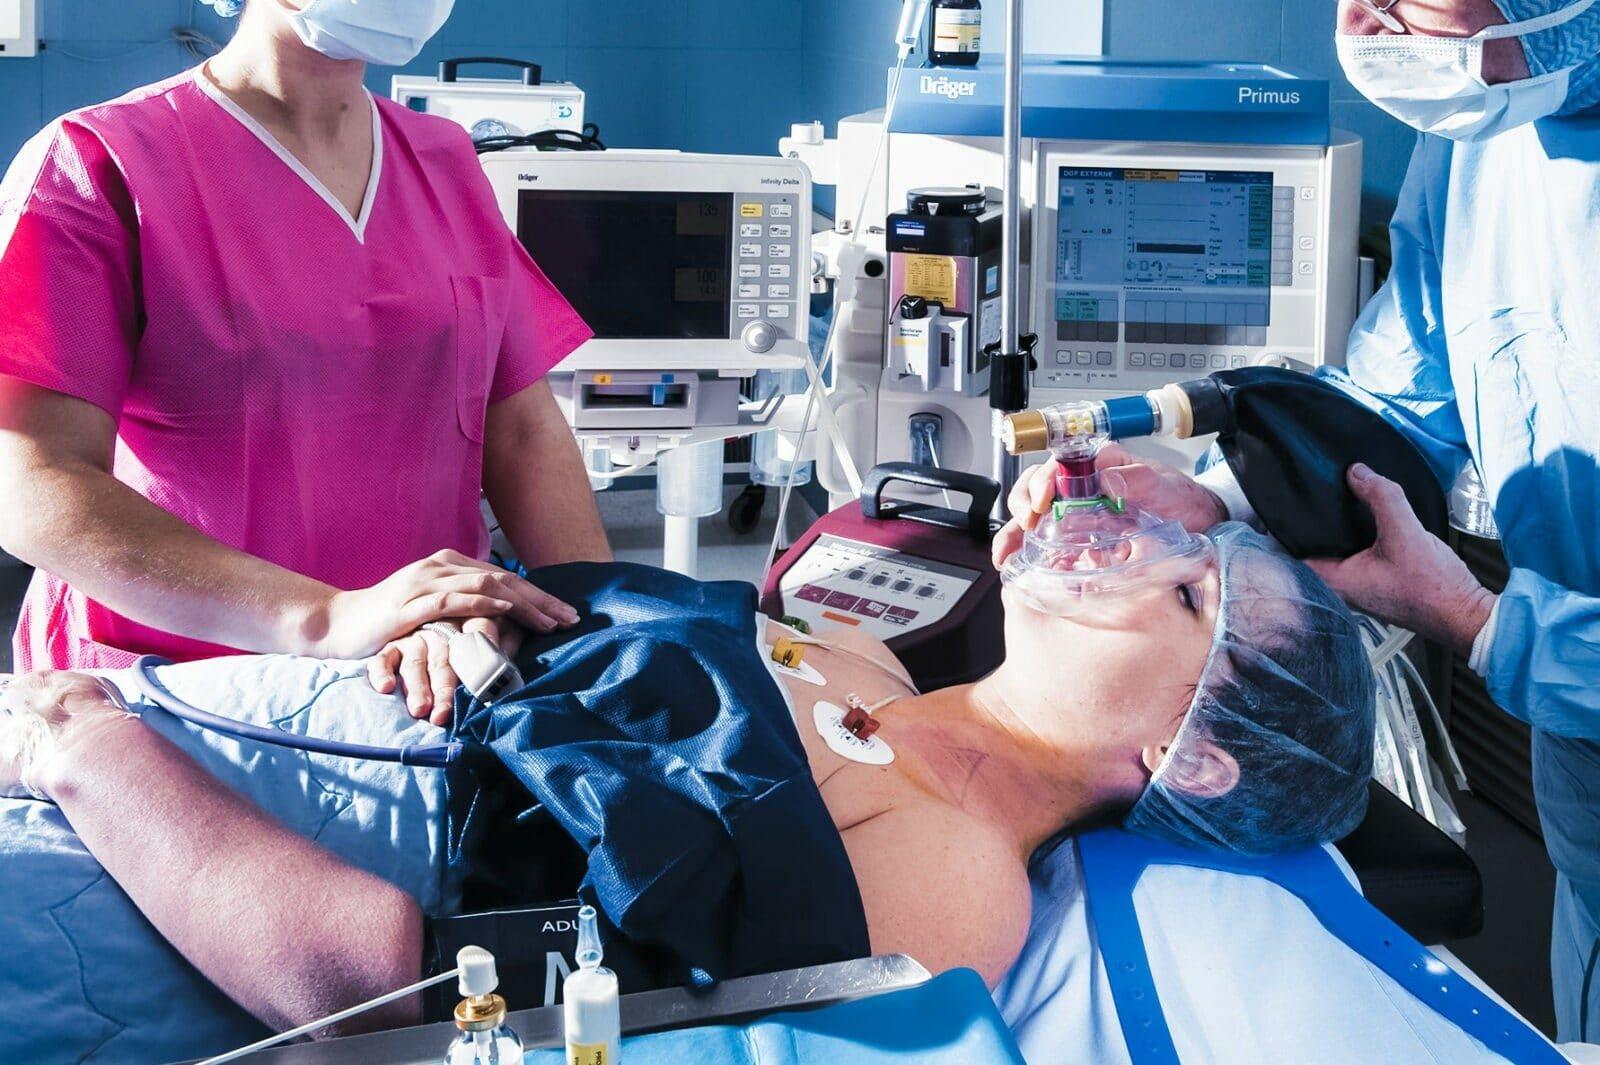 Qu'est-ce qu'une chirurgie conventionnelle? Définition par dr Paillard